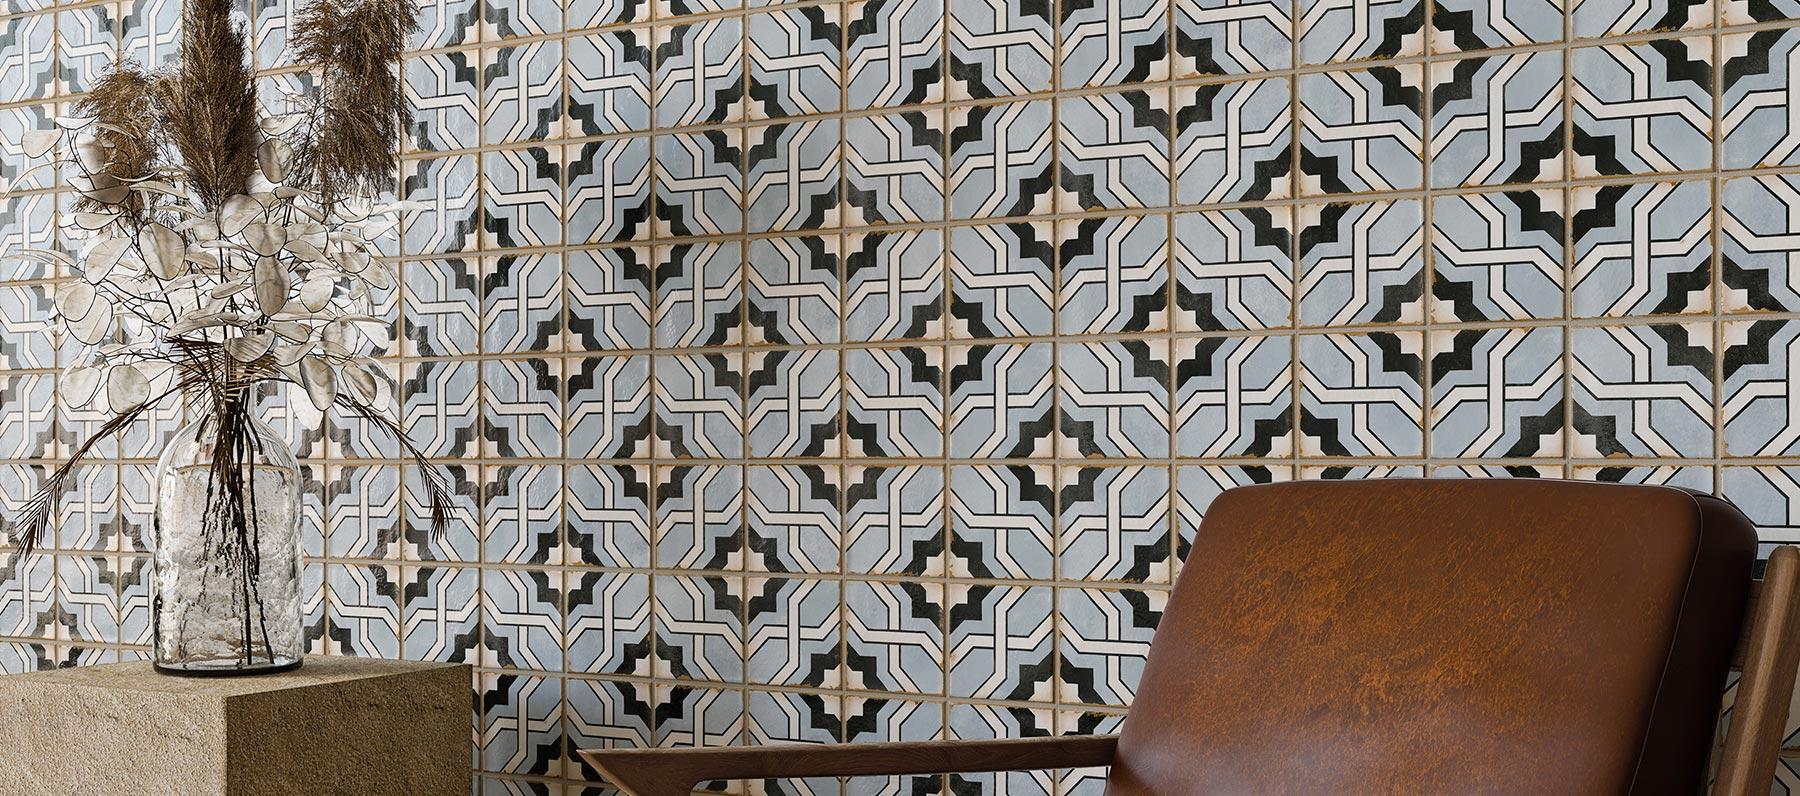 Geometrie artigianali e passione per la tradizione